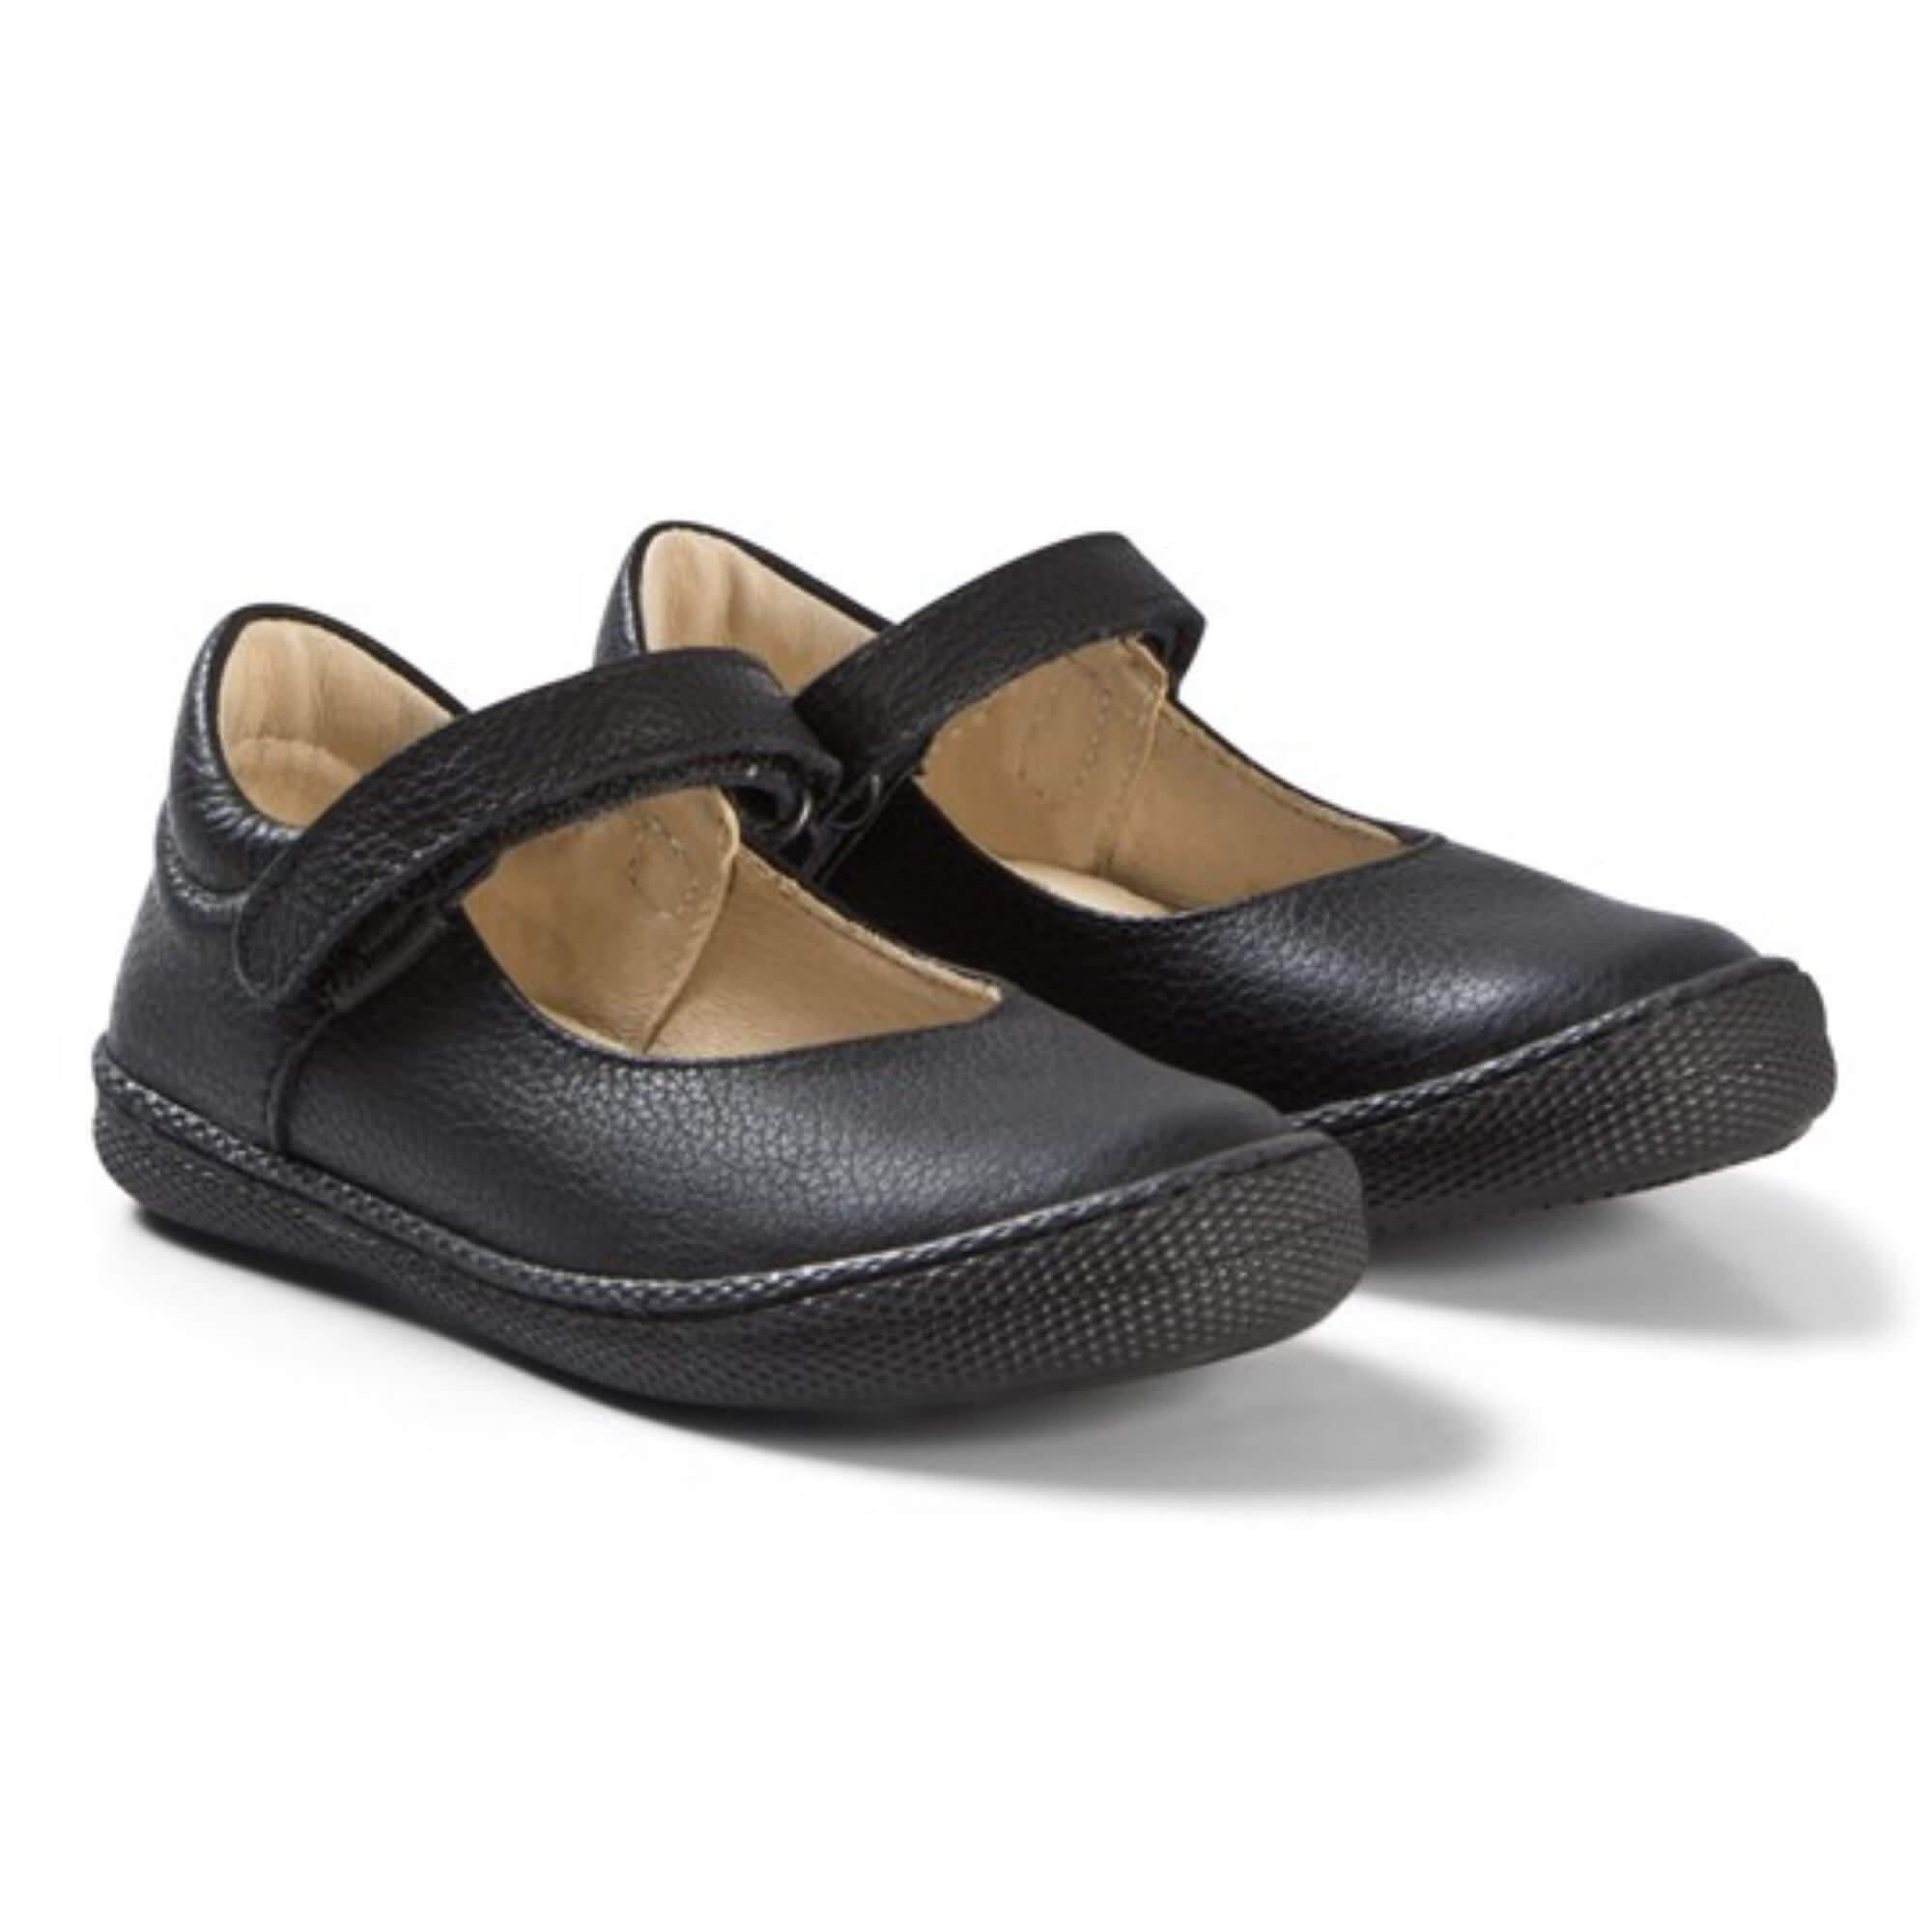 Alfombra de pies Apuesta el fin  Primigi Morin Girls School Shoe - The Shoe Station